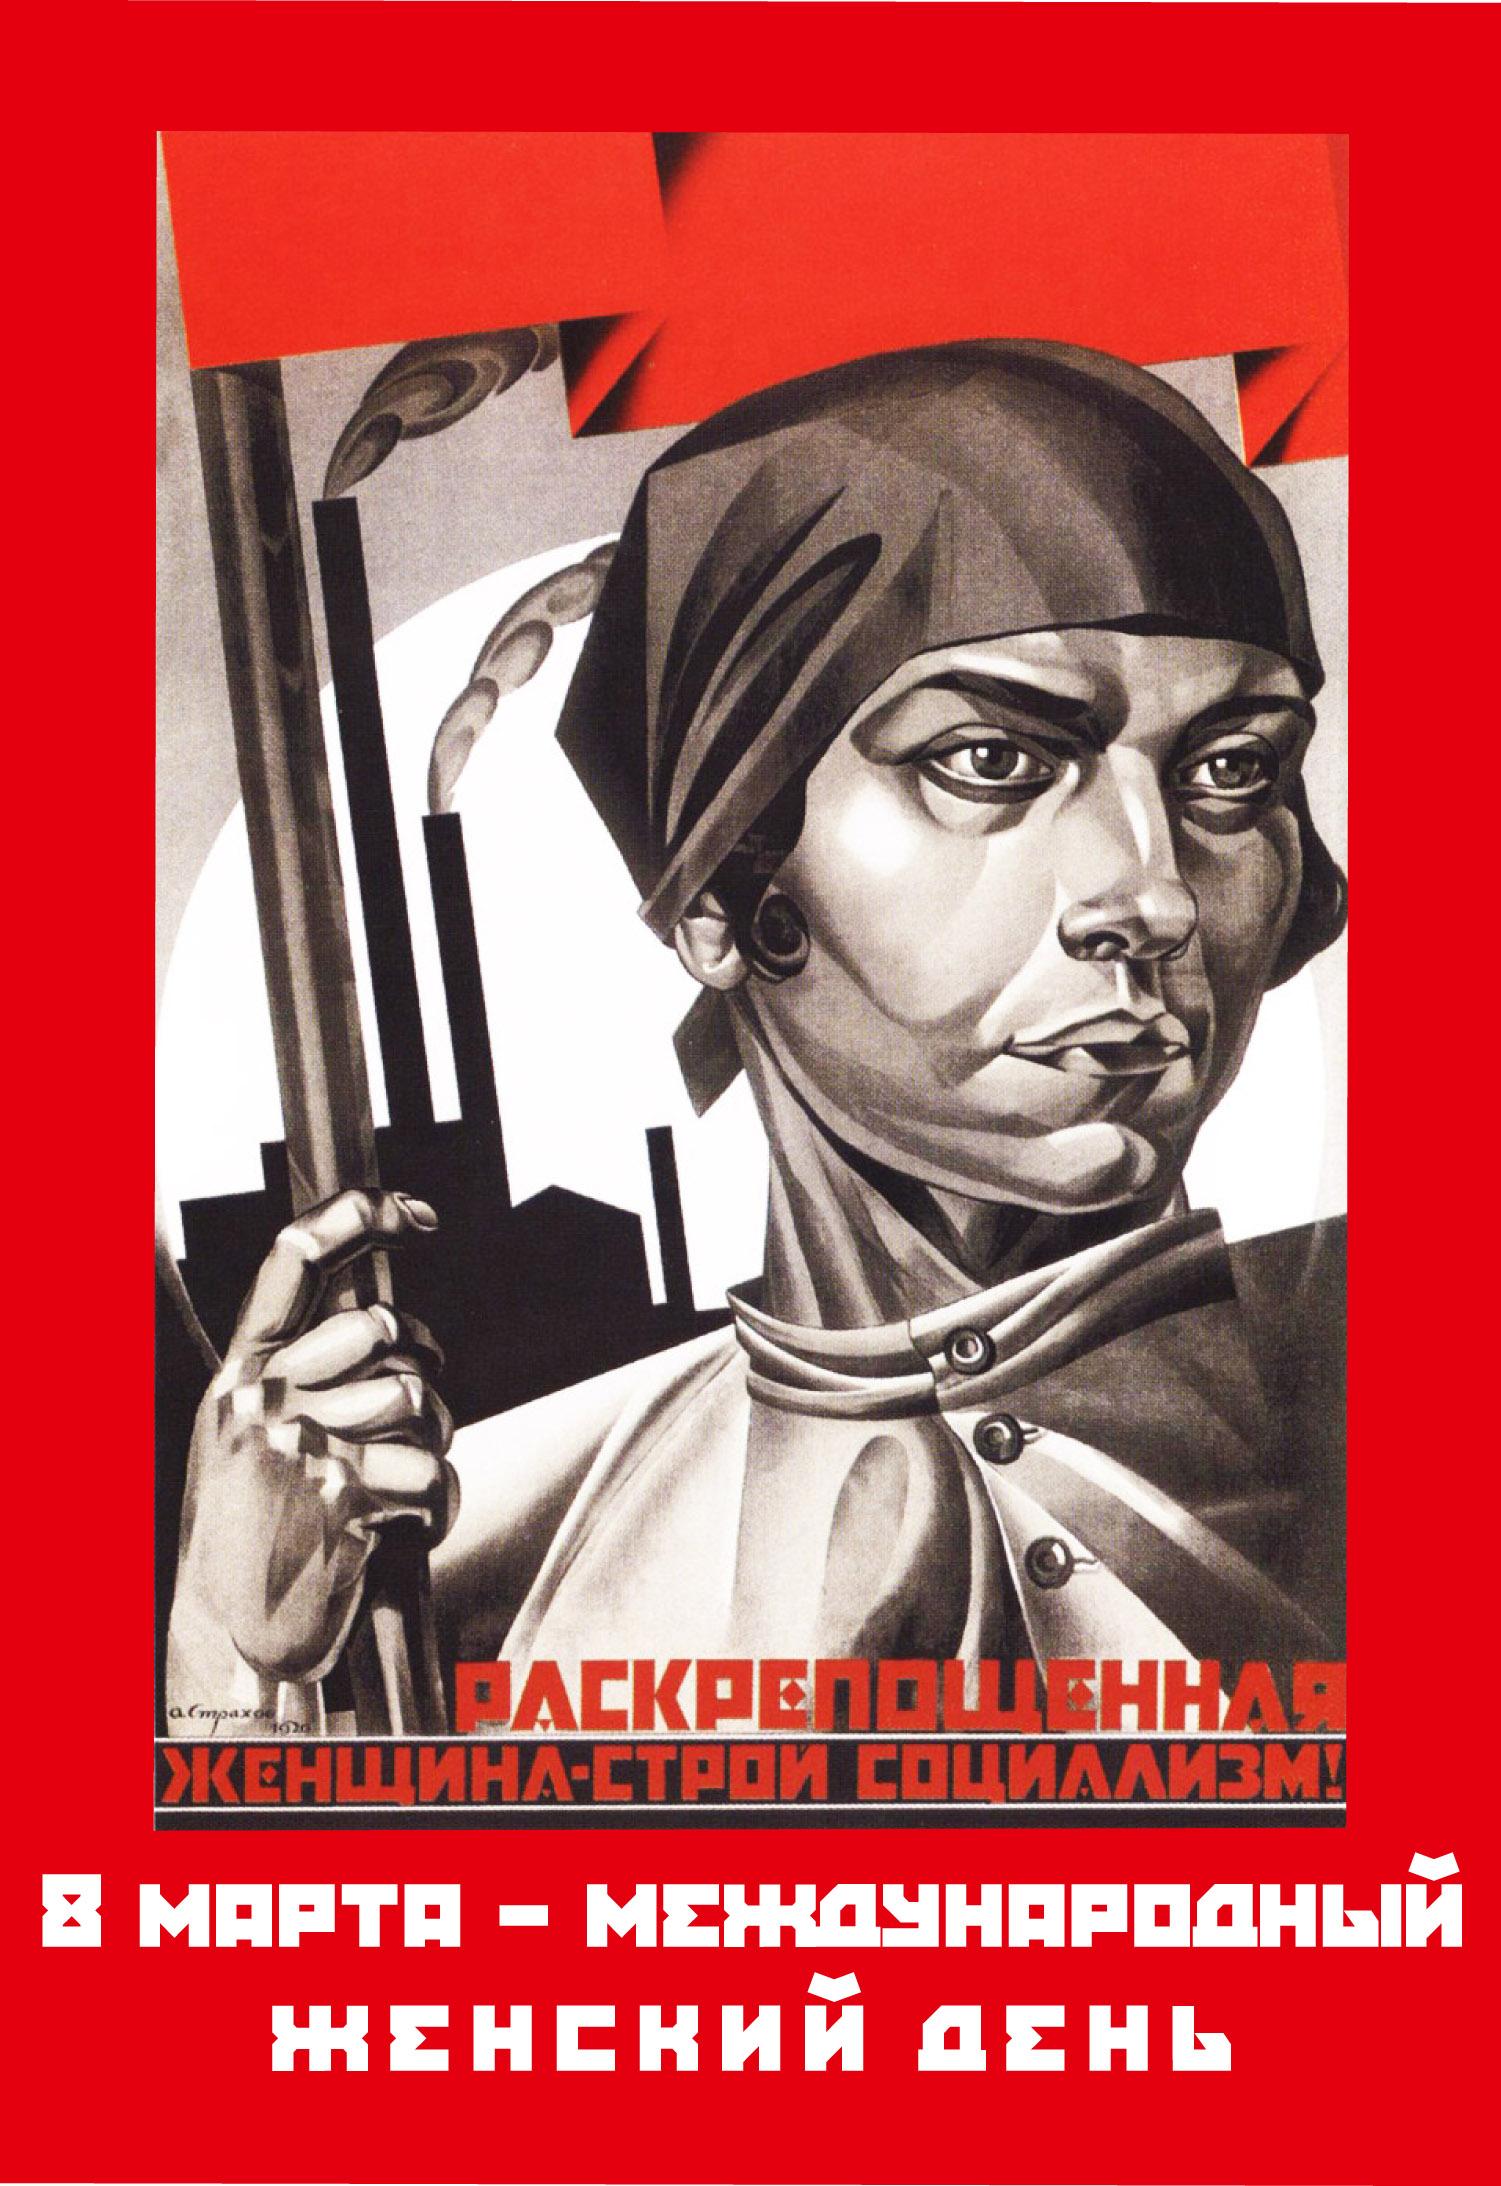 Украинцы в Нью-Йорке и Чикаго присоединились к акции в поддержку Савченко - Цензор.НЕТ 3747